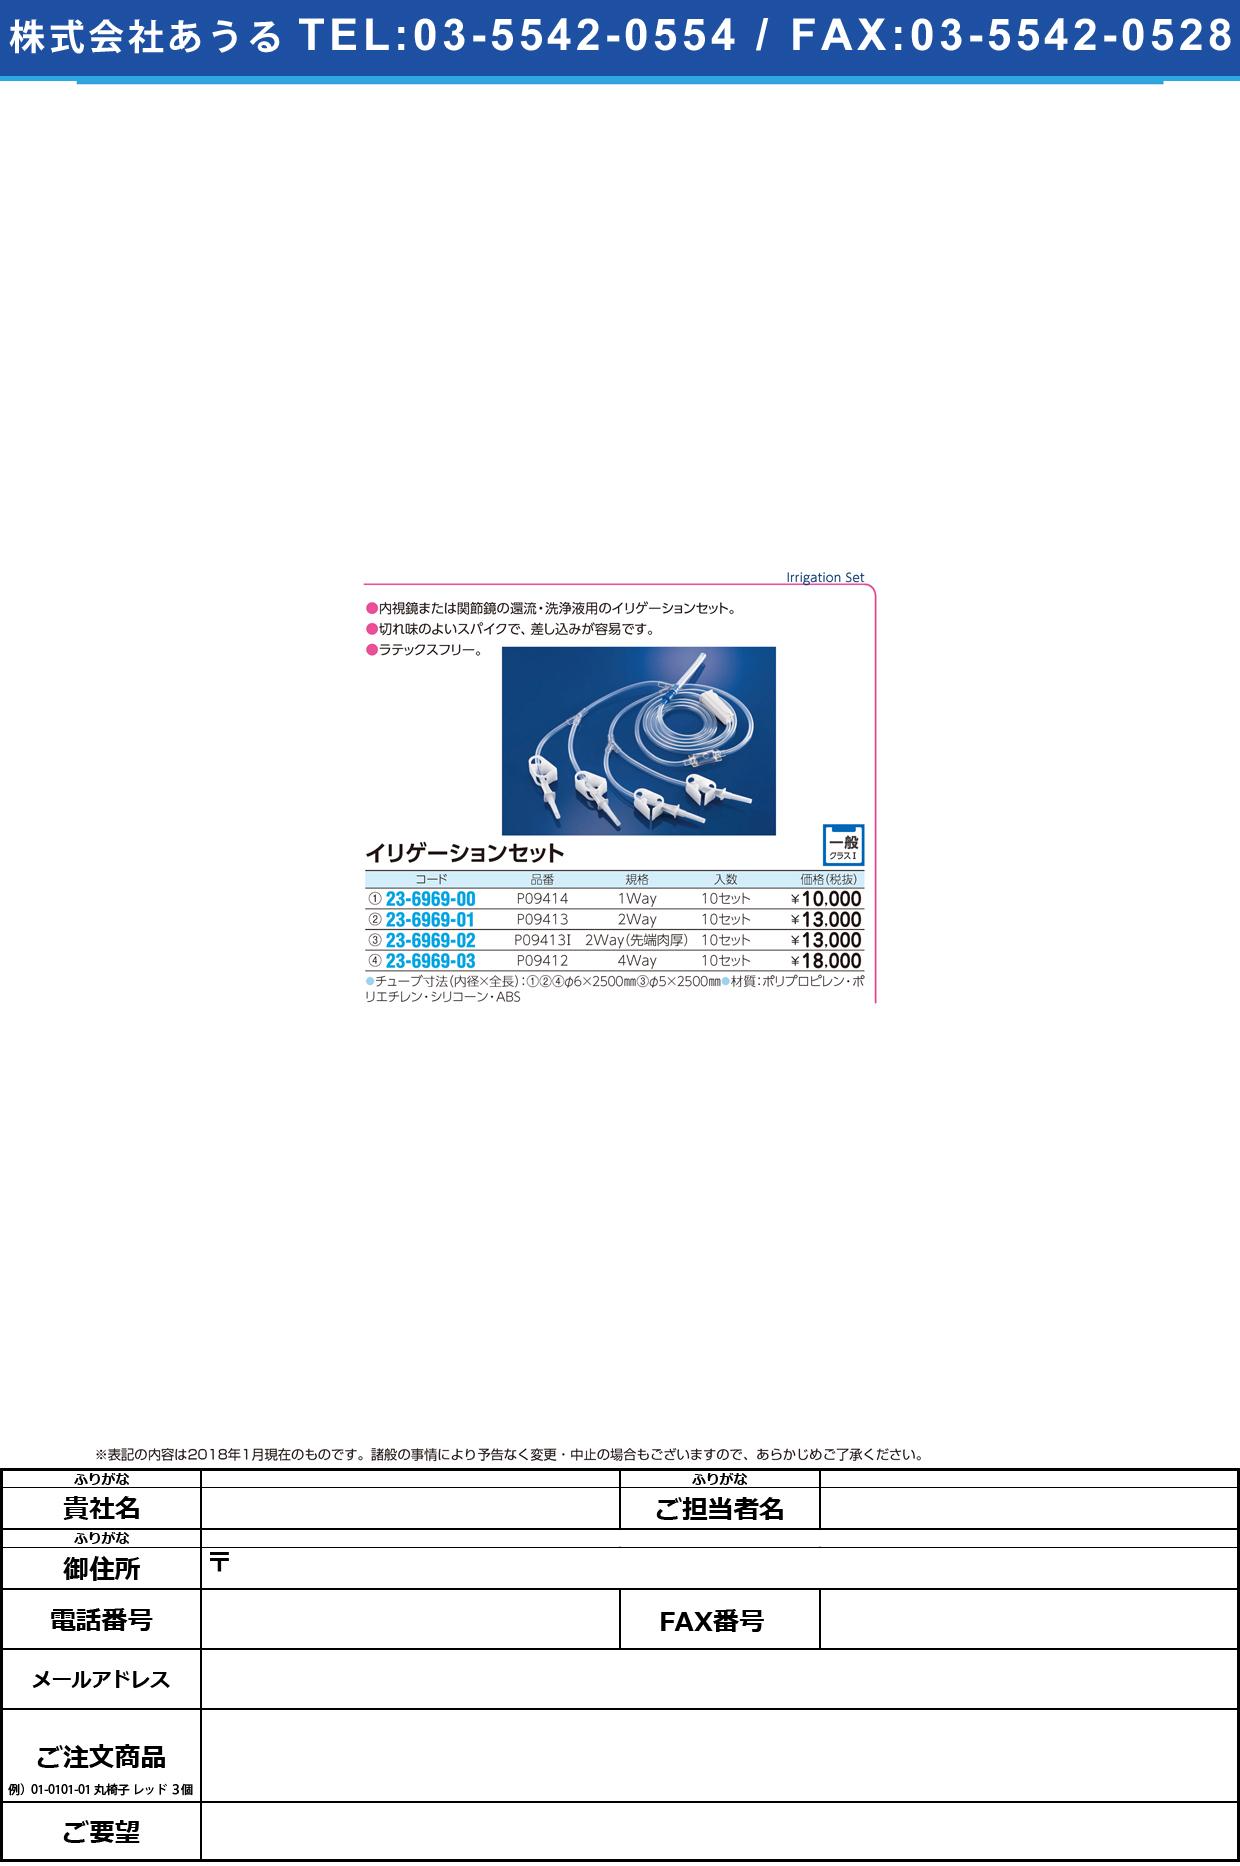 (23-6969-03)イリゲーションセット P09412(4WAY)10セット イリゲーションセット【1箱単位】【2018年カタログ商品】